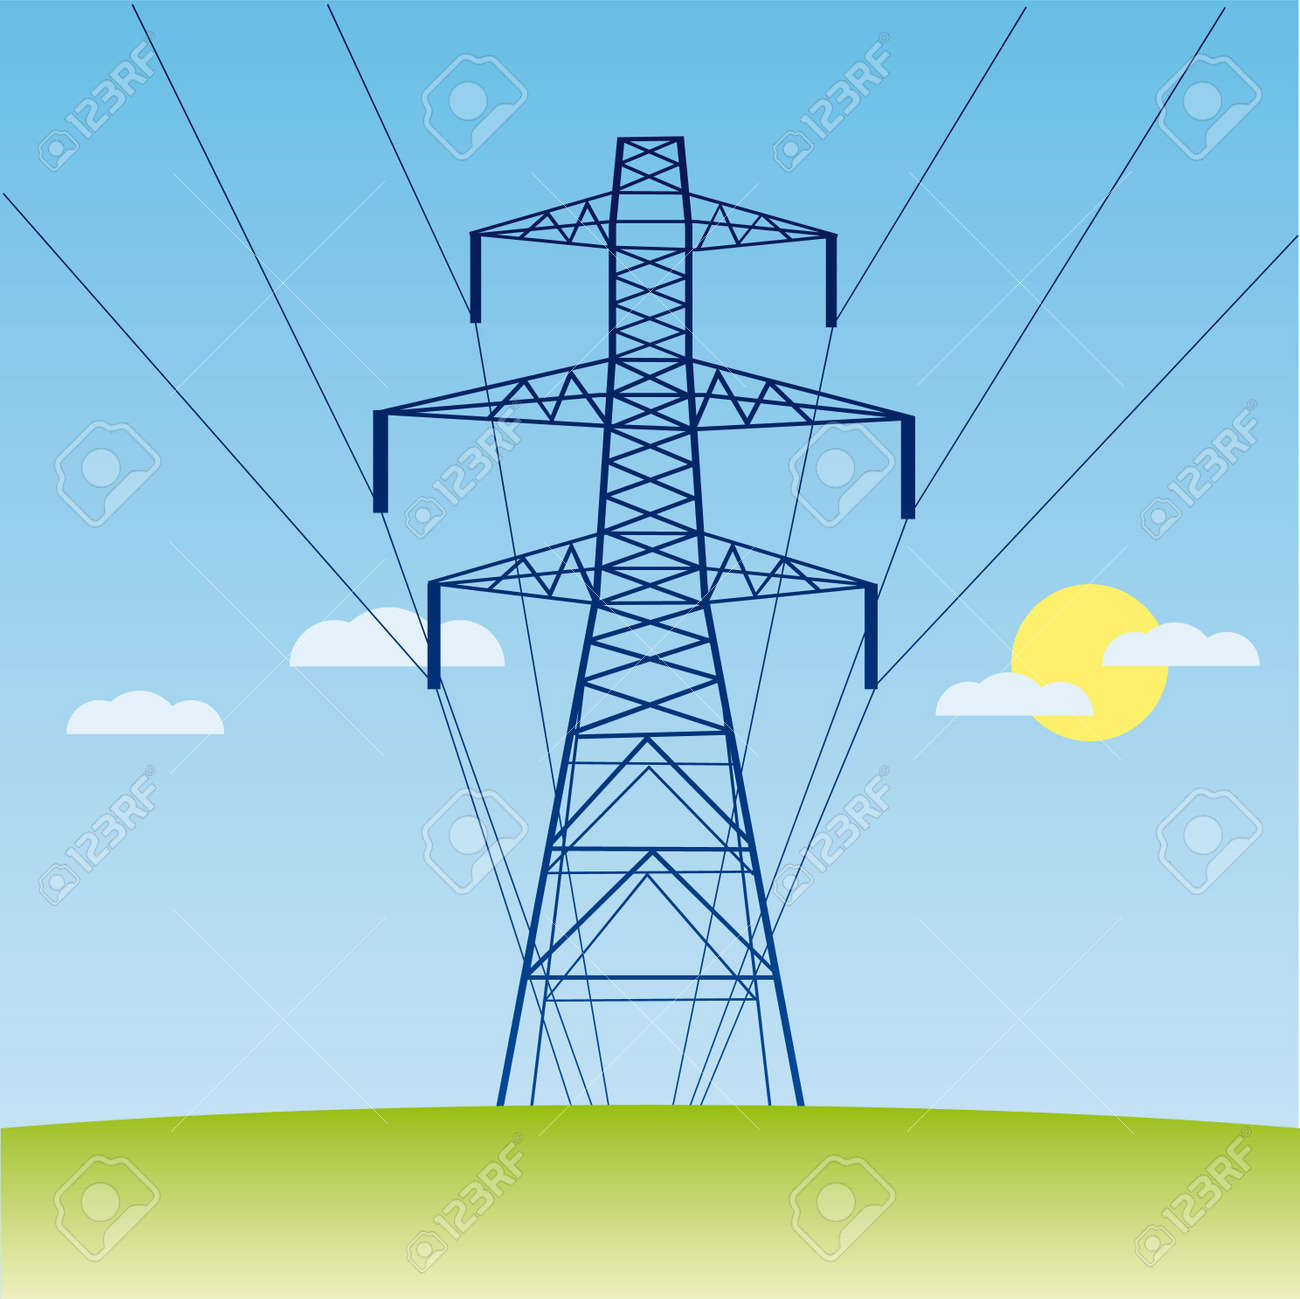 Clipart Electricity Pylon Electricity Pylon Silhouette